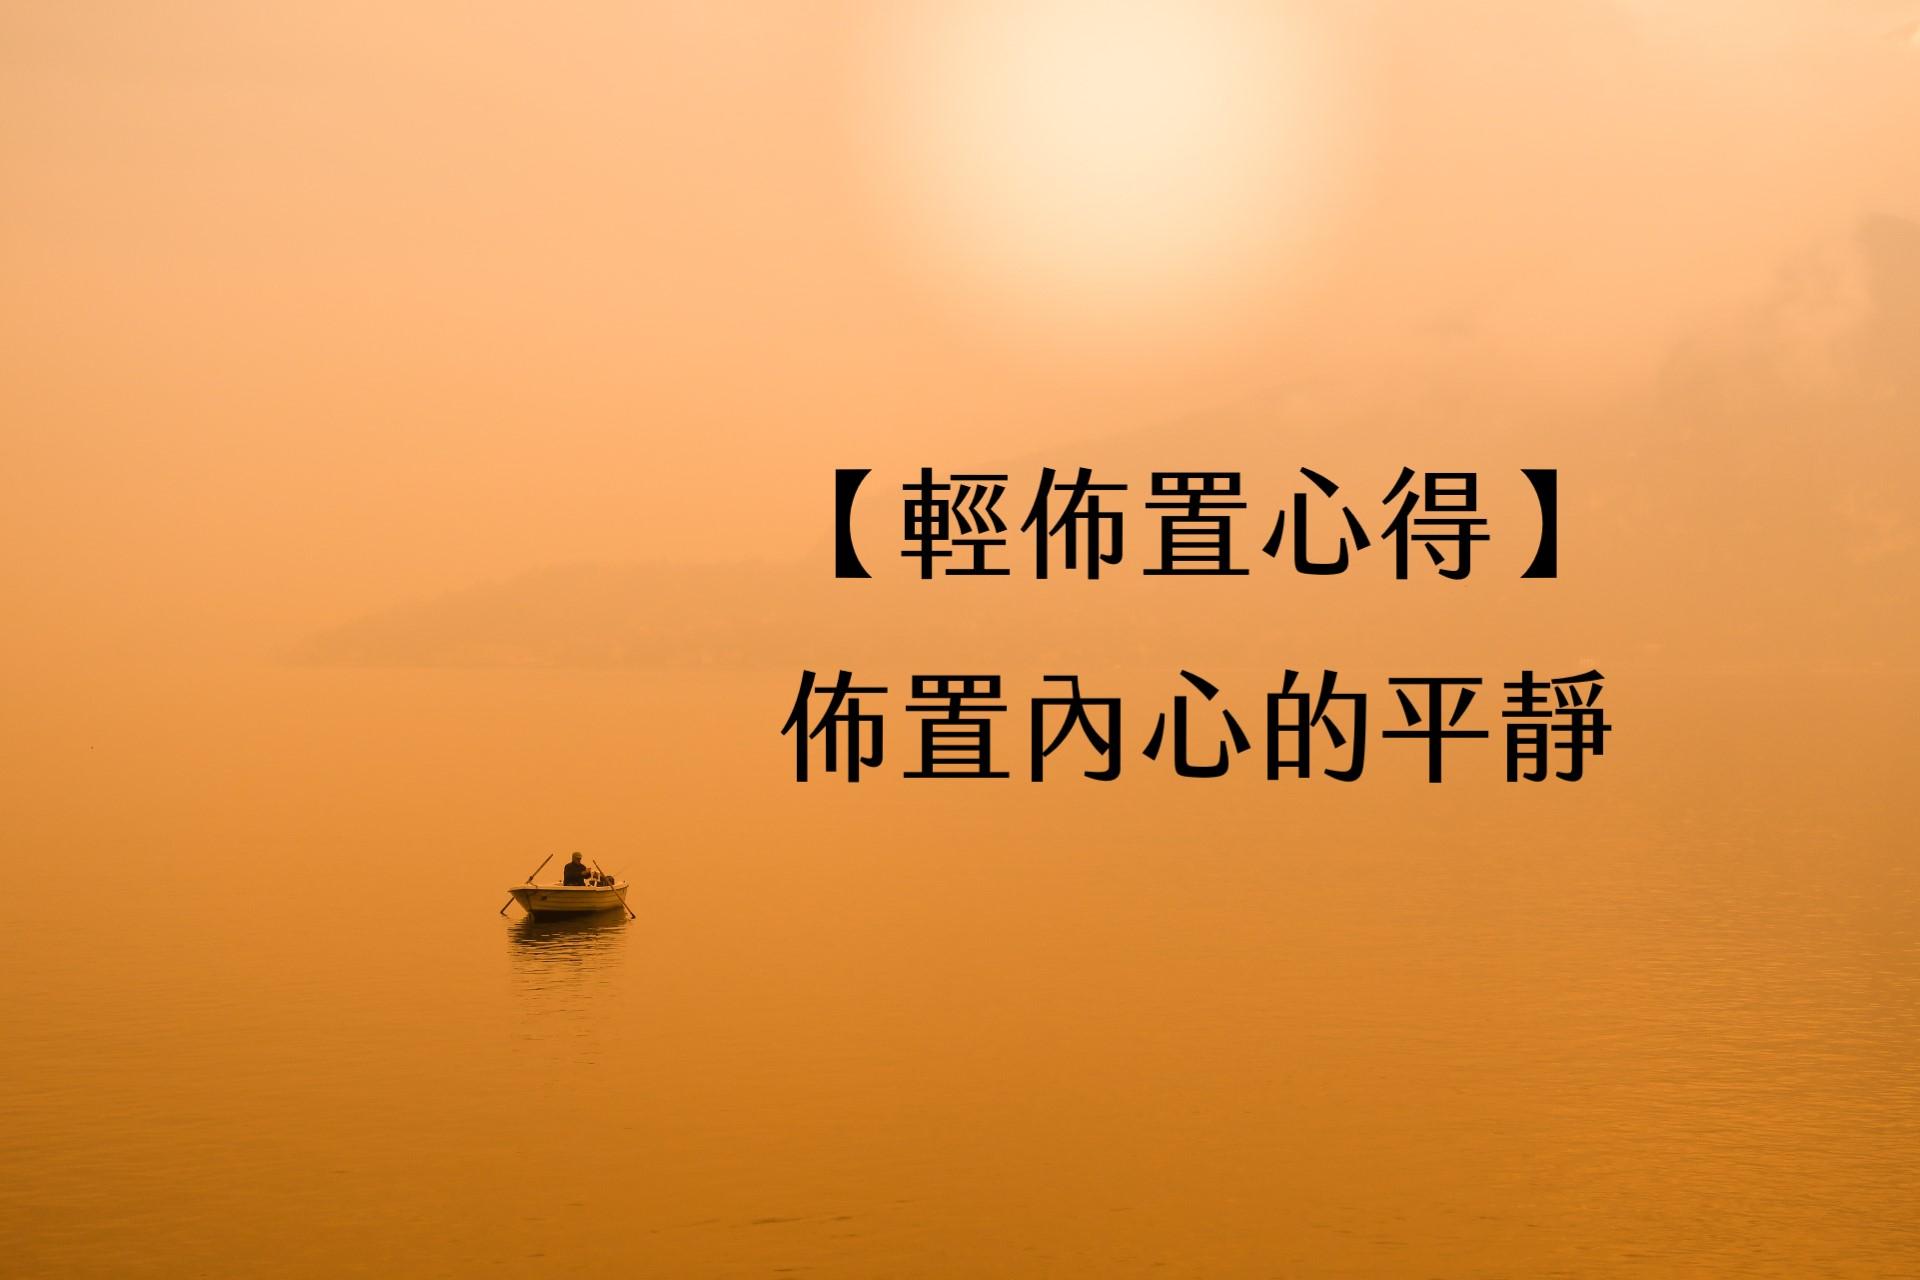 【輕佈置心得】佈置內心的平靜 2